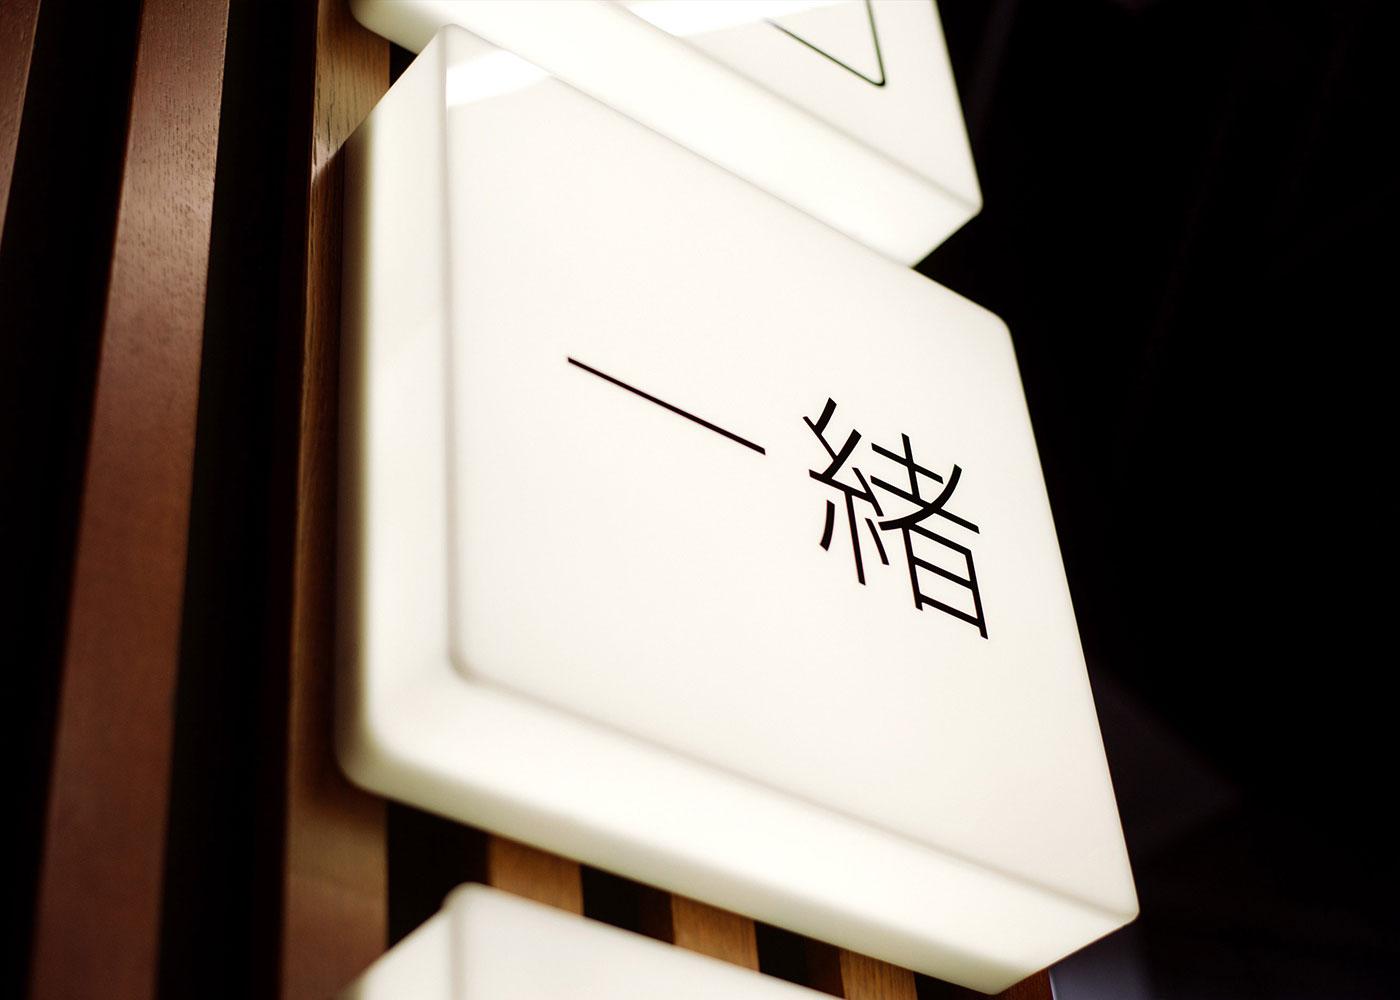 Issho signage